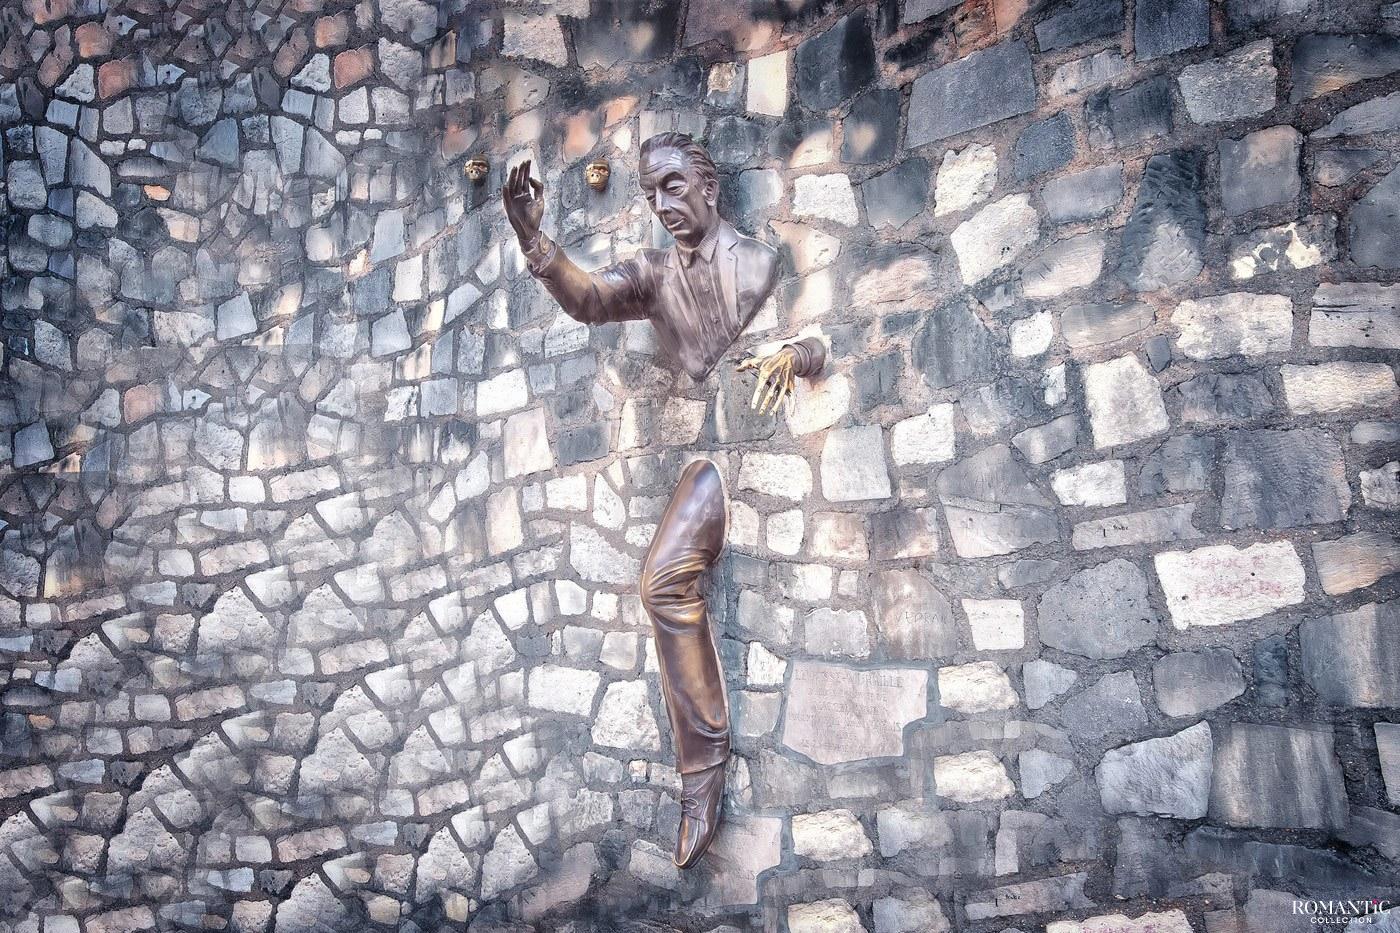 Памятник «Человек, проходящий сквозь стену» в Париже